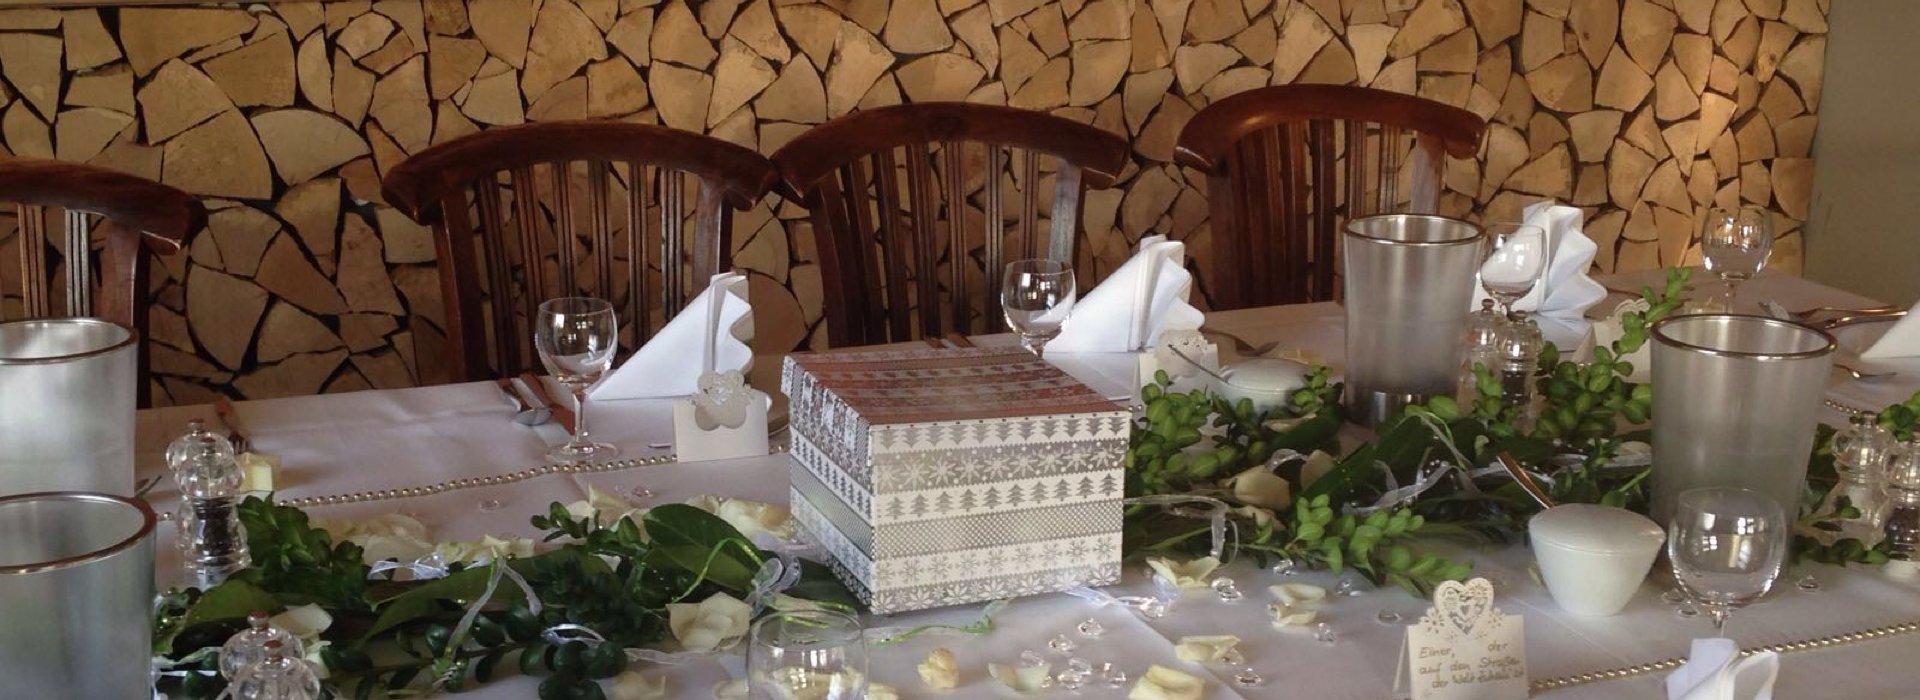 Die Tische sind gedeckt